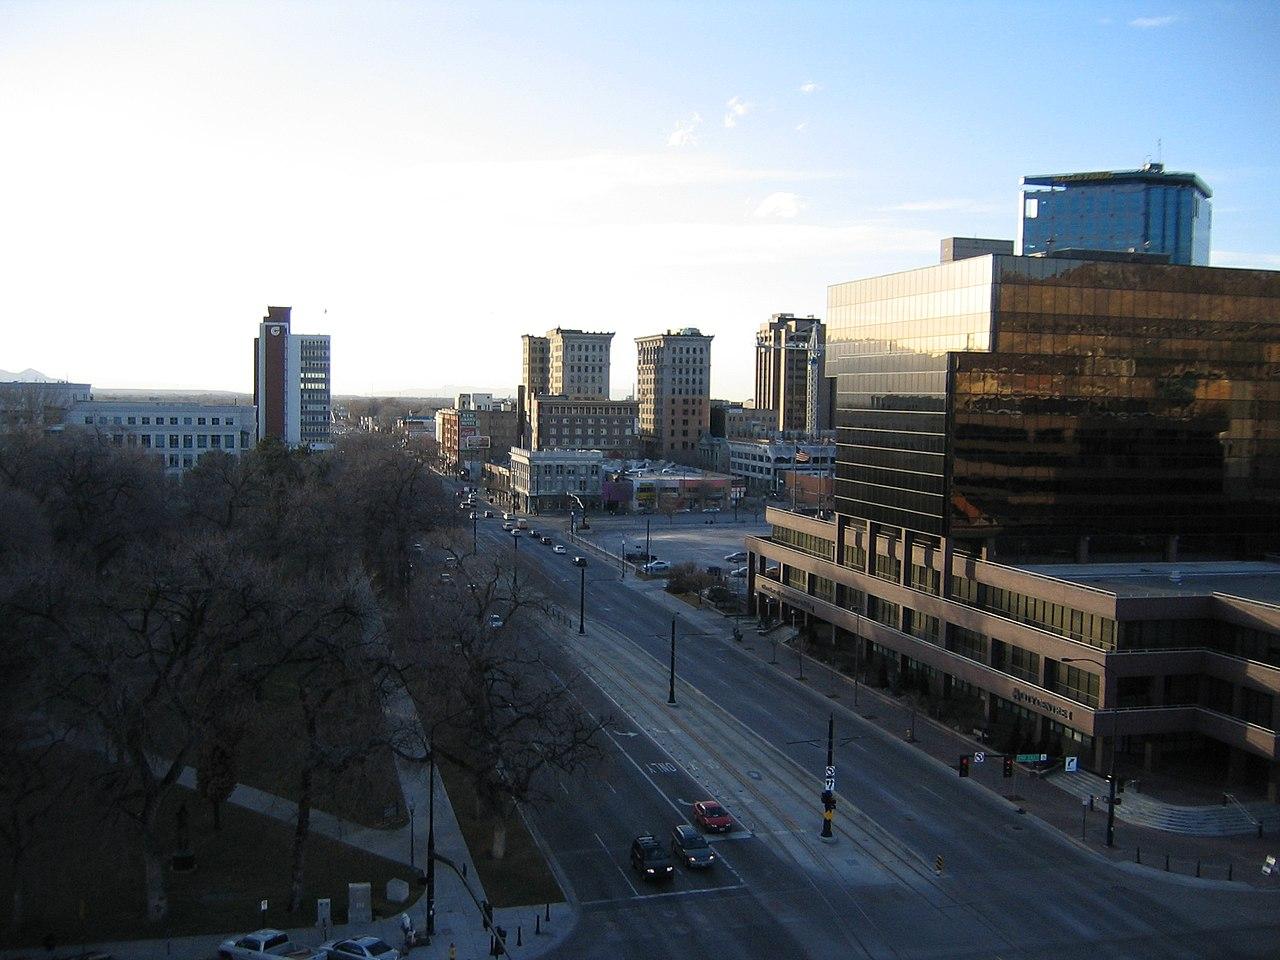 FileJan South Salt Lake City UT USAJPG Wikimedia Commons - Ut usa